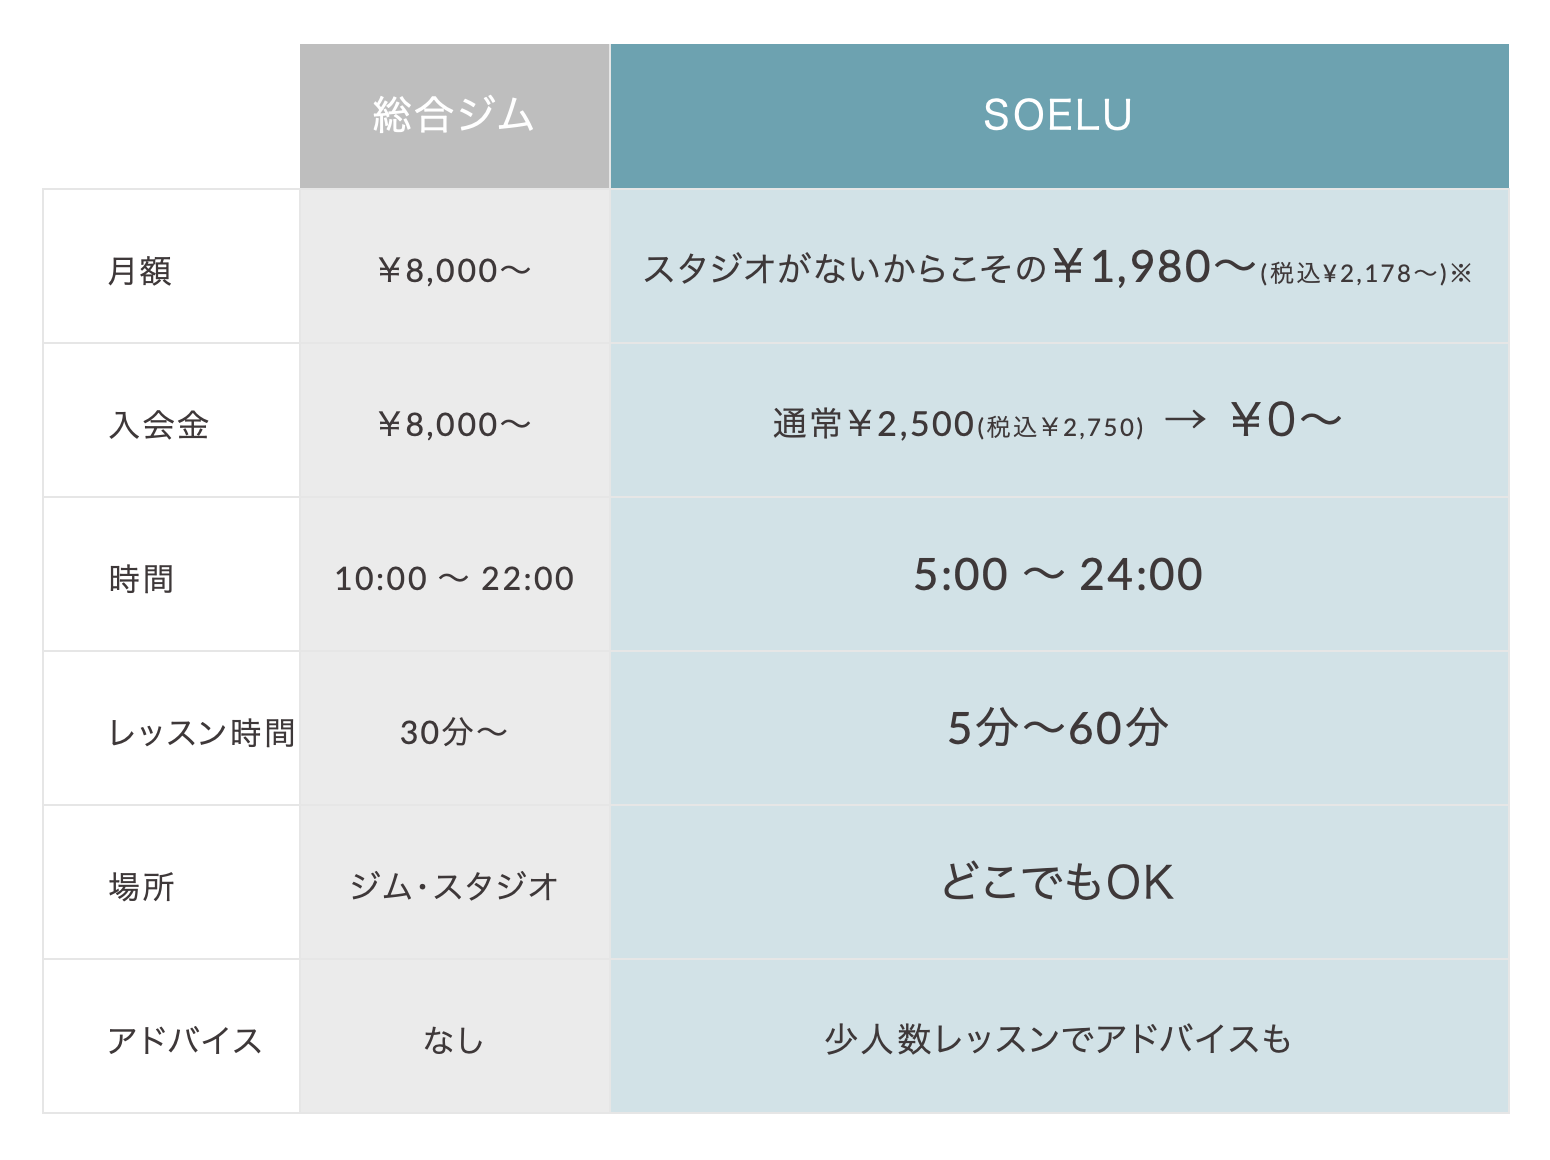 SOELU(ソエル)の料金プラン